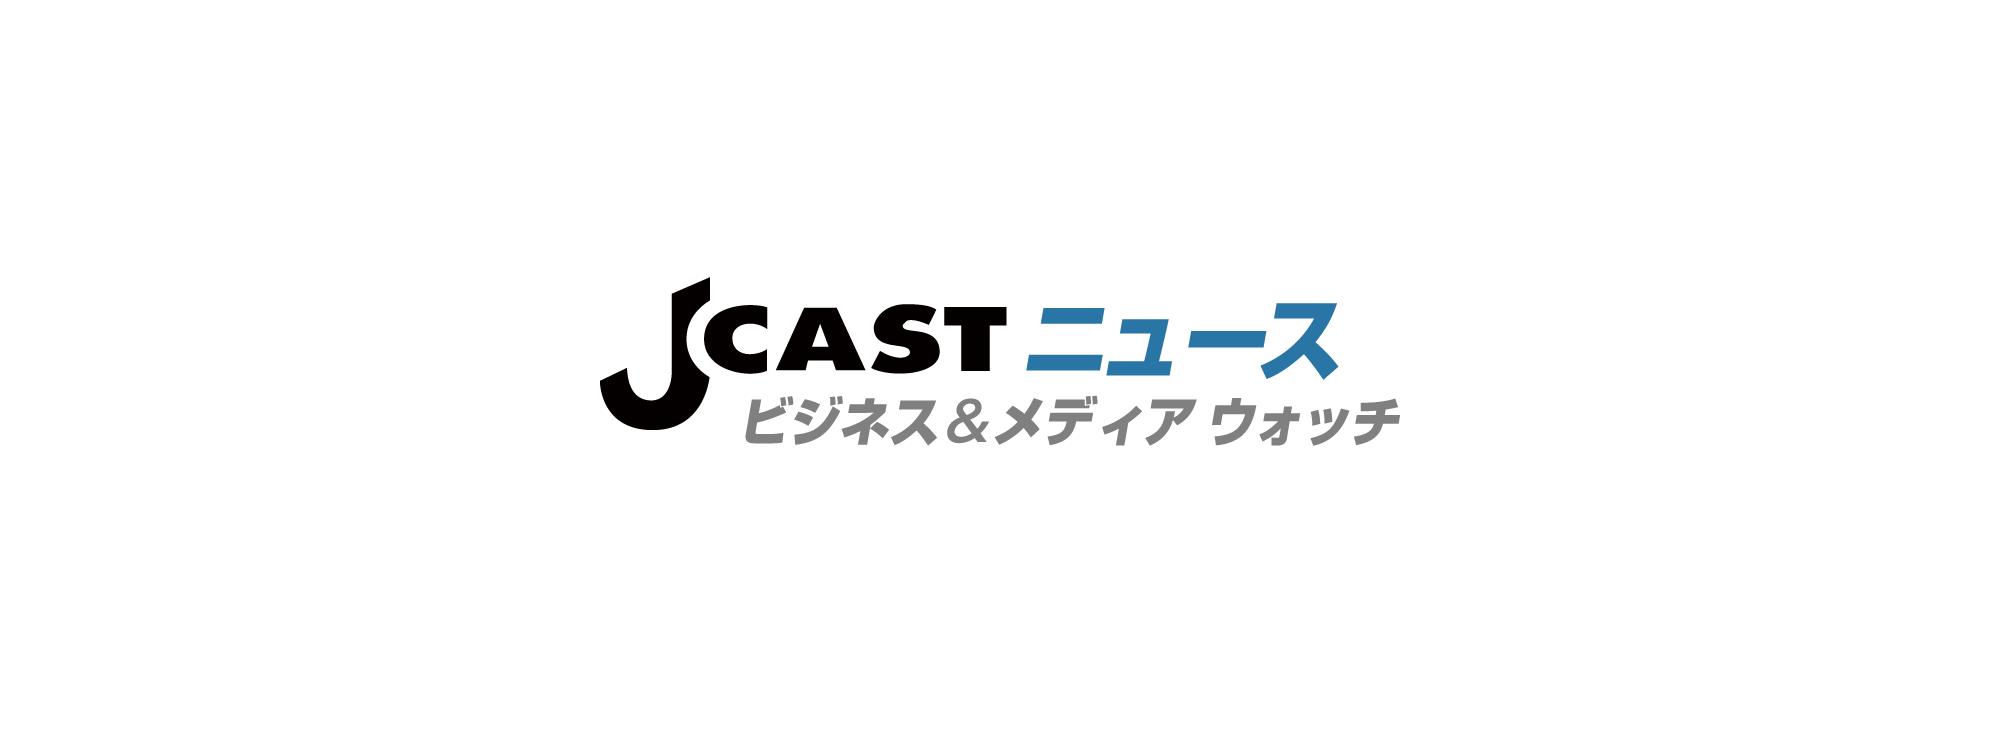 全文表示 | たかじんにできて、なぜテレビはできない 「とくダネ!」小倉、無言で下を向く : J-CASTニュース